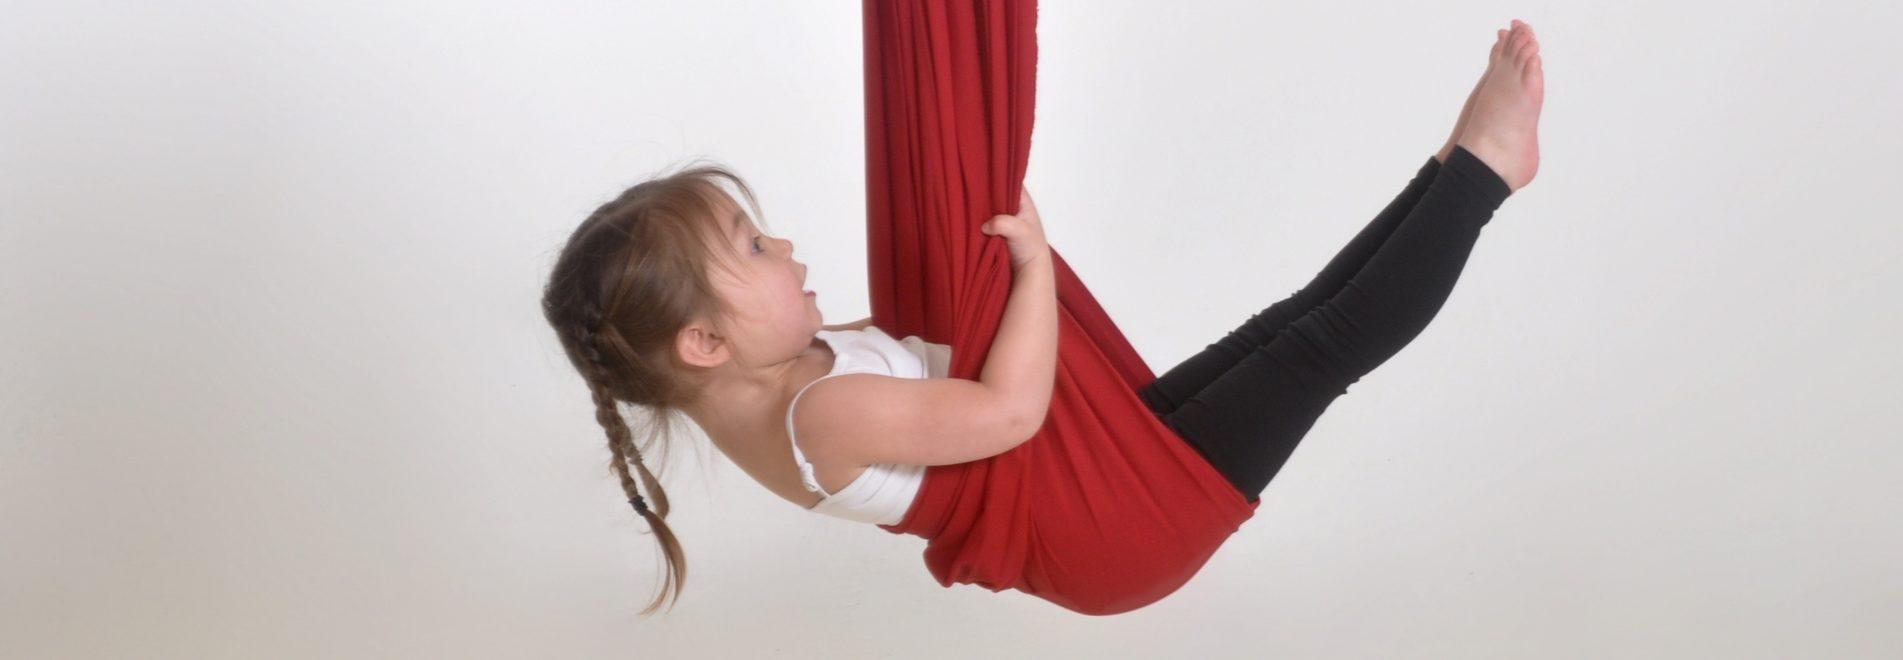 Welkom bij Dance&Yoga Styles